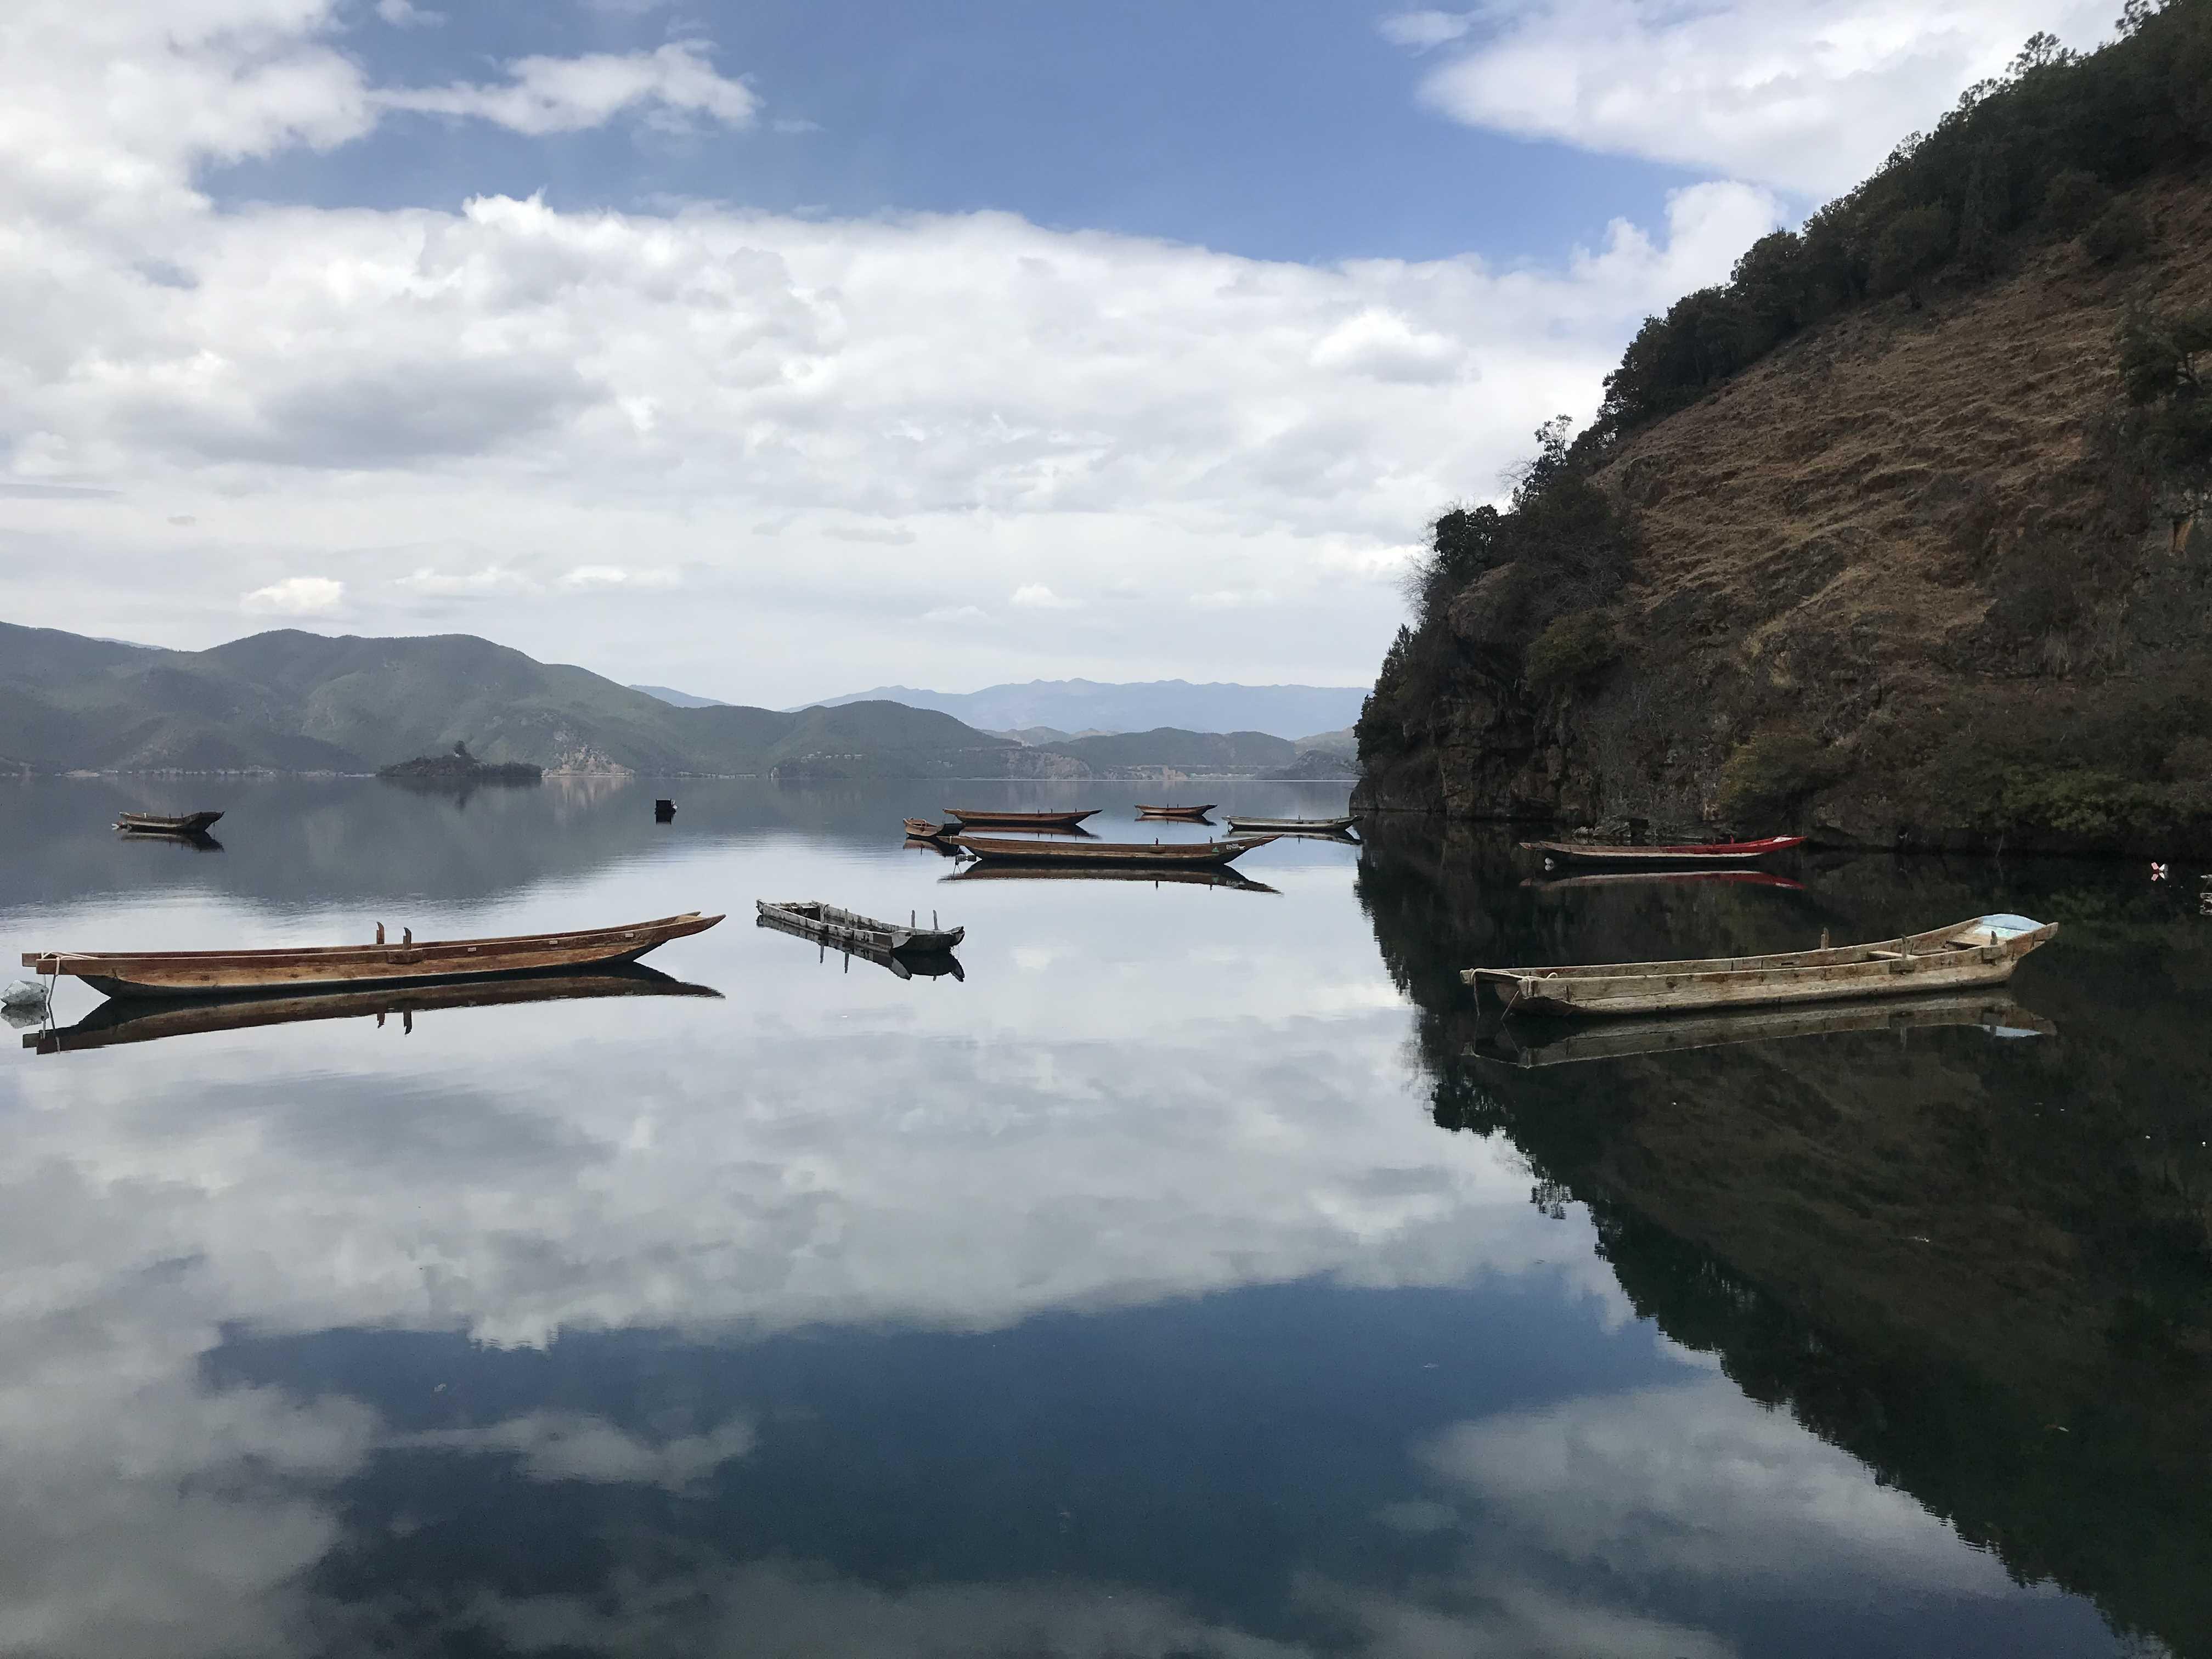 瀘沽湖·靜水流深